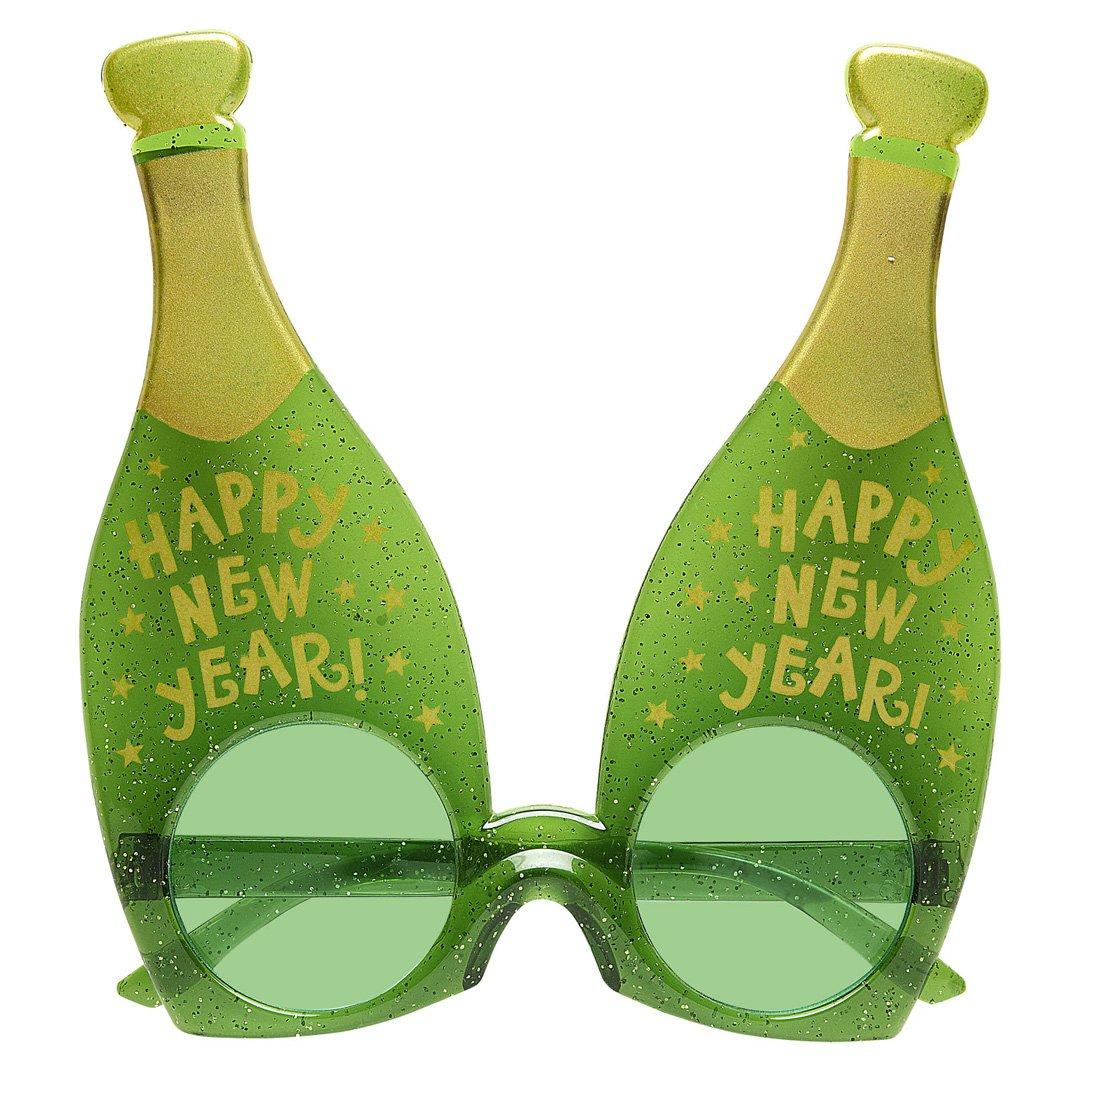 Kostüme & Verkleidungen Silvester Partybrille Sektflasche Scherzbrille Champagner Flasche Happy New Year